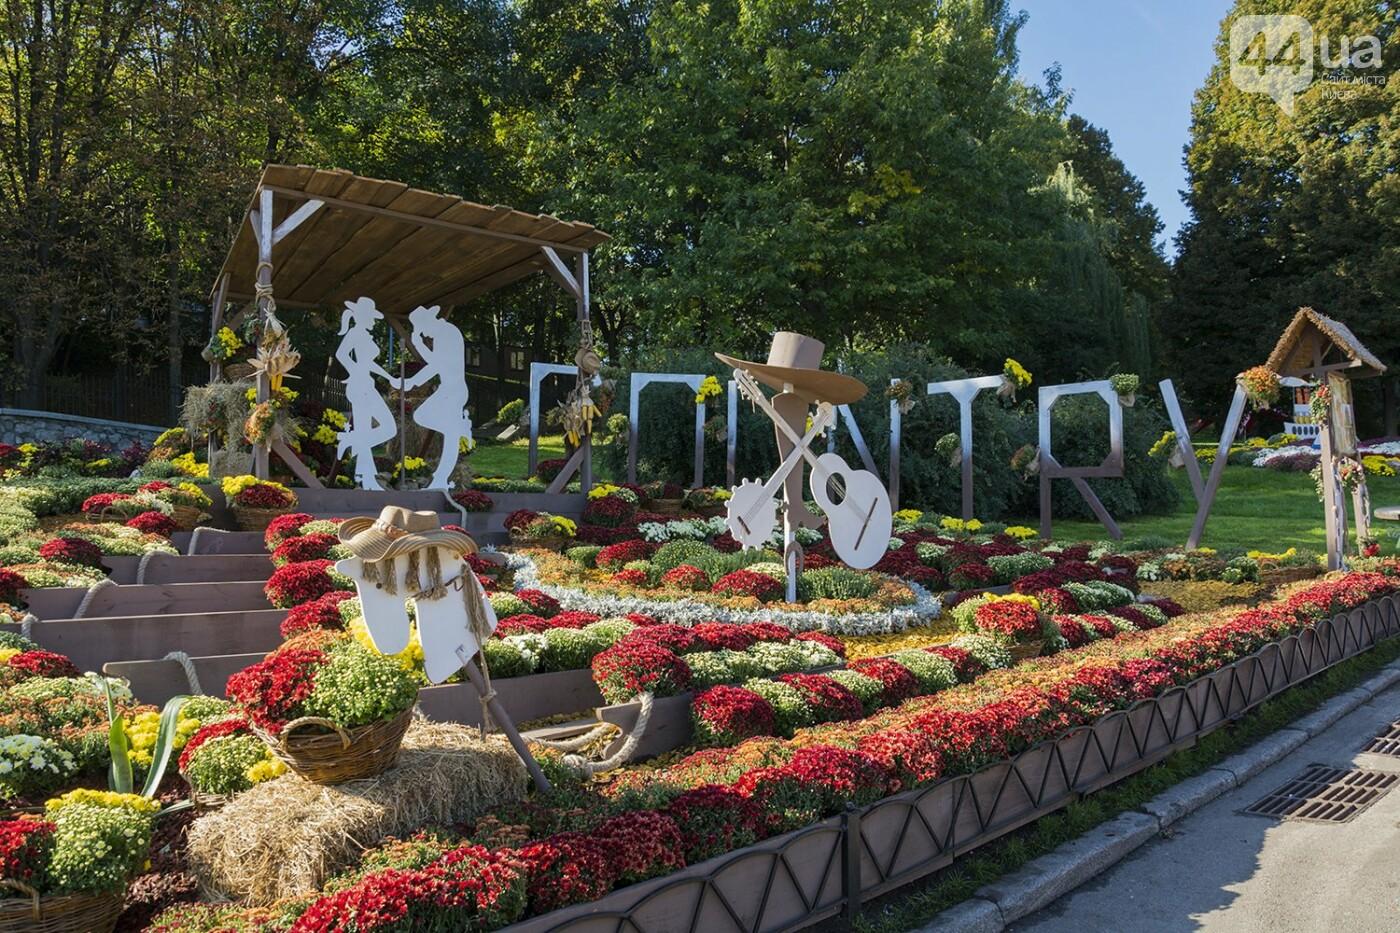 С музыкой и цветами: в Киеве стартовал красочный фестиваль хризантем, - ФОТОРЕПОРТАЖ, фото-5